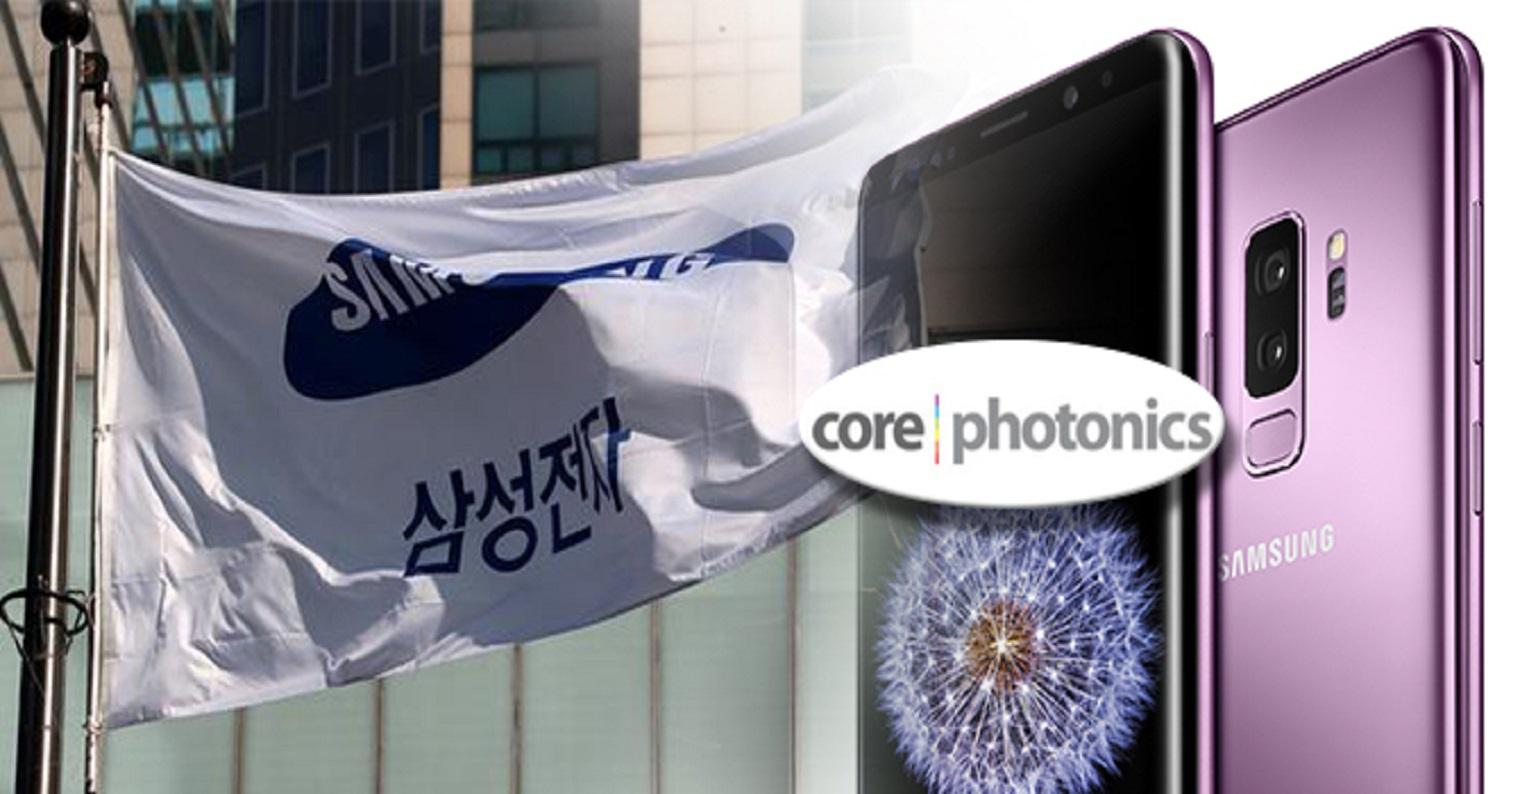 Corephotonics 6 náhled